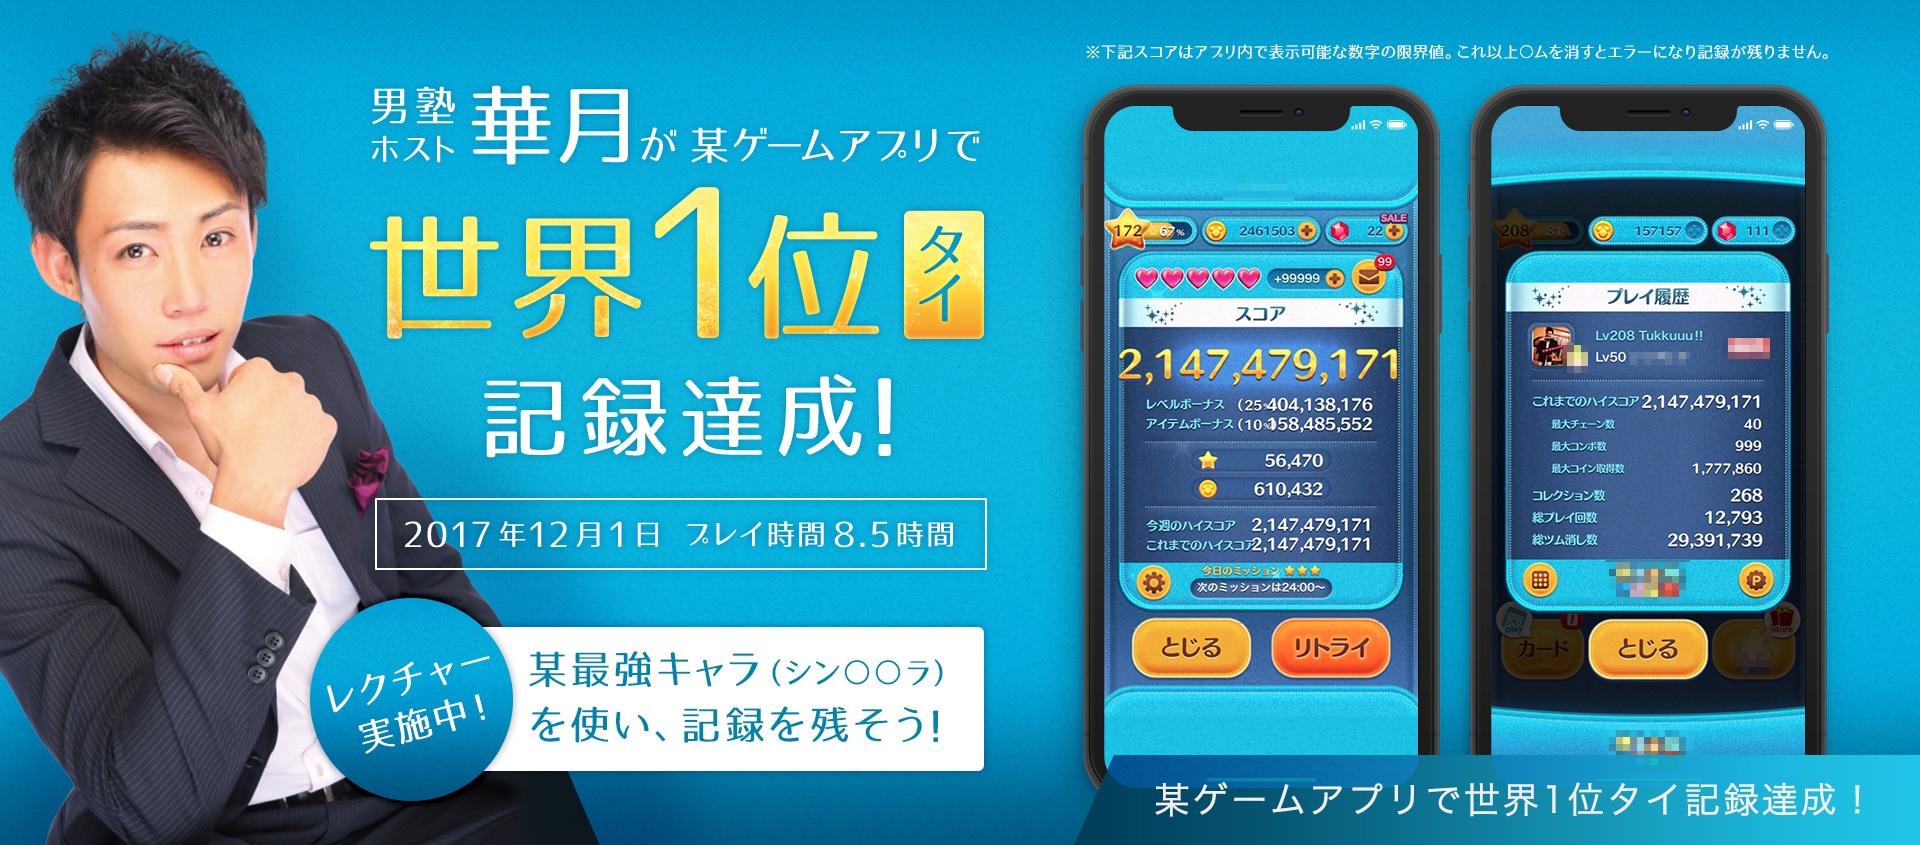 某ゲームアプリで世界1位タイ記録達成!